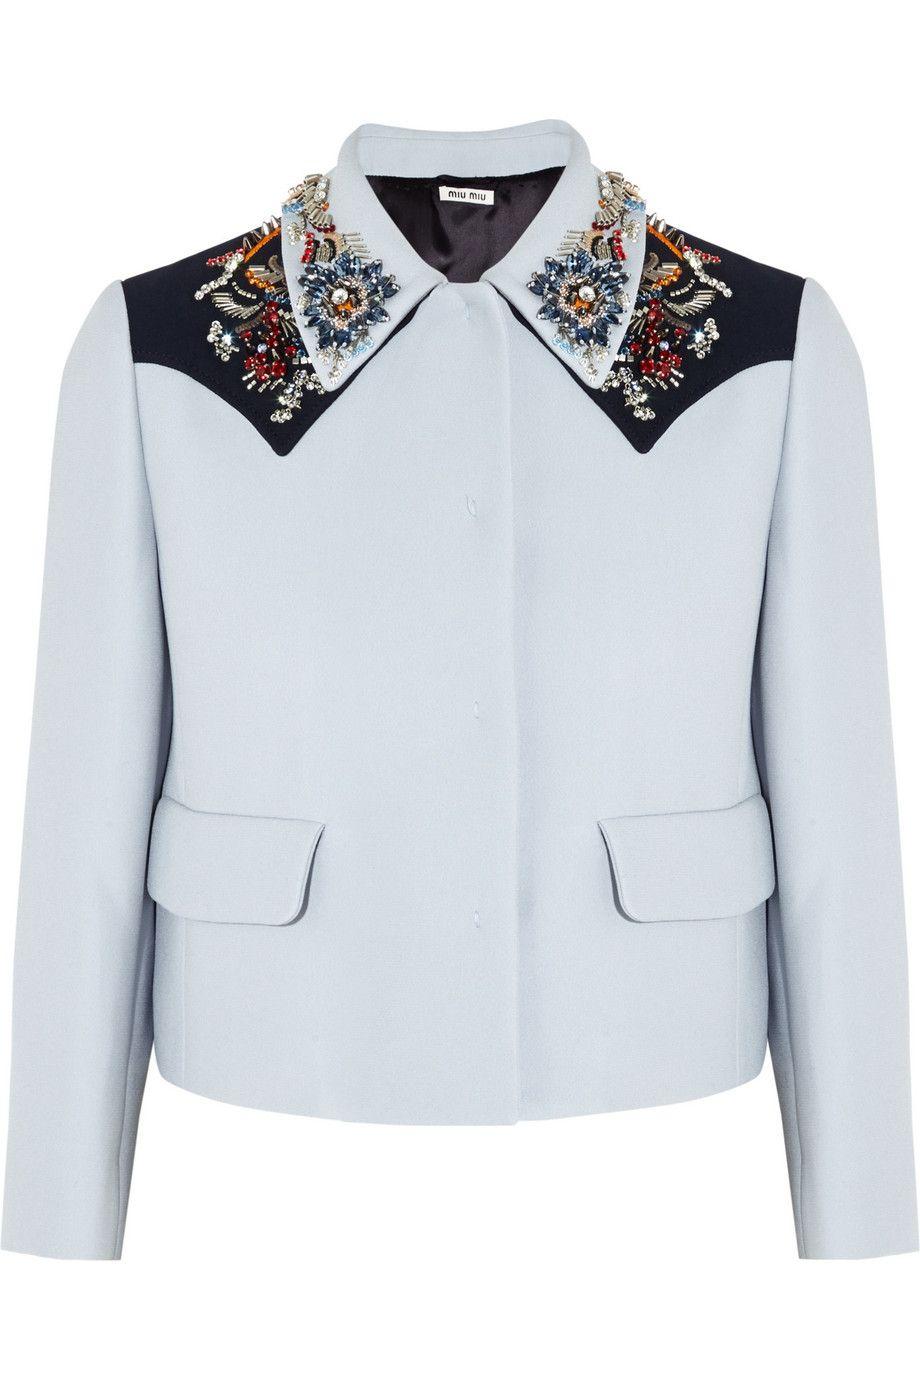 Miu MiuEmbellished crepe jacket